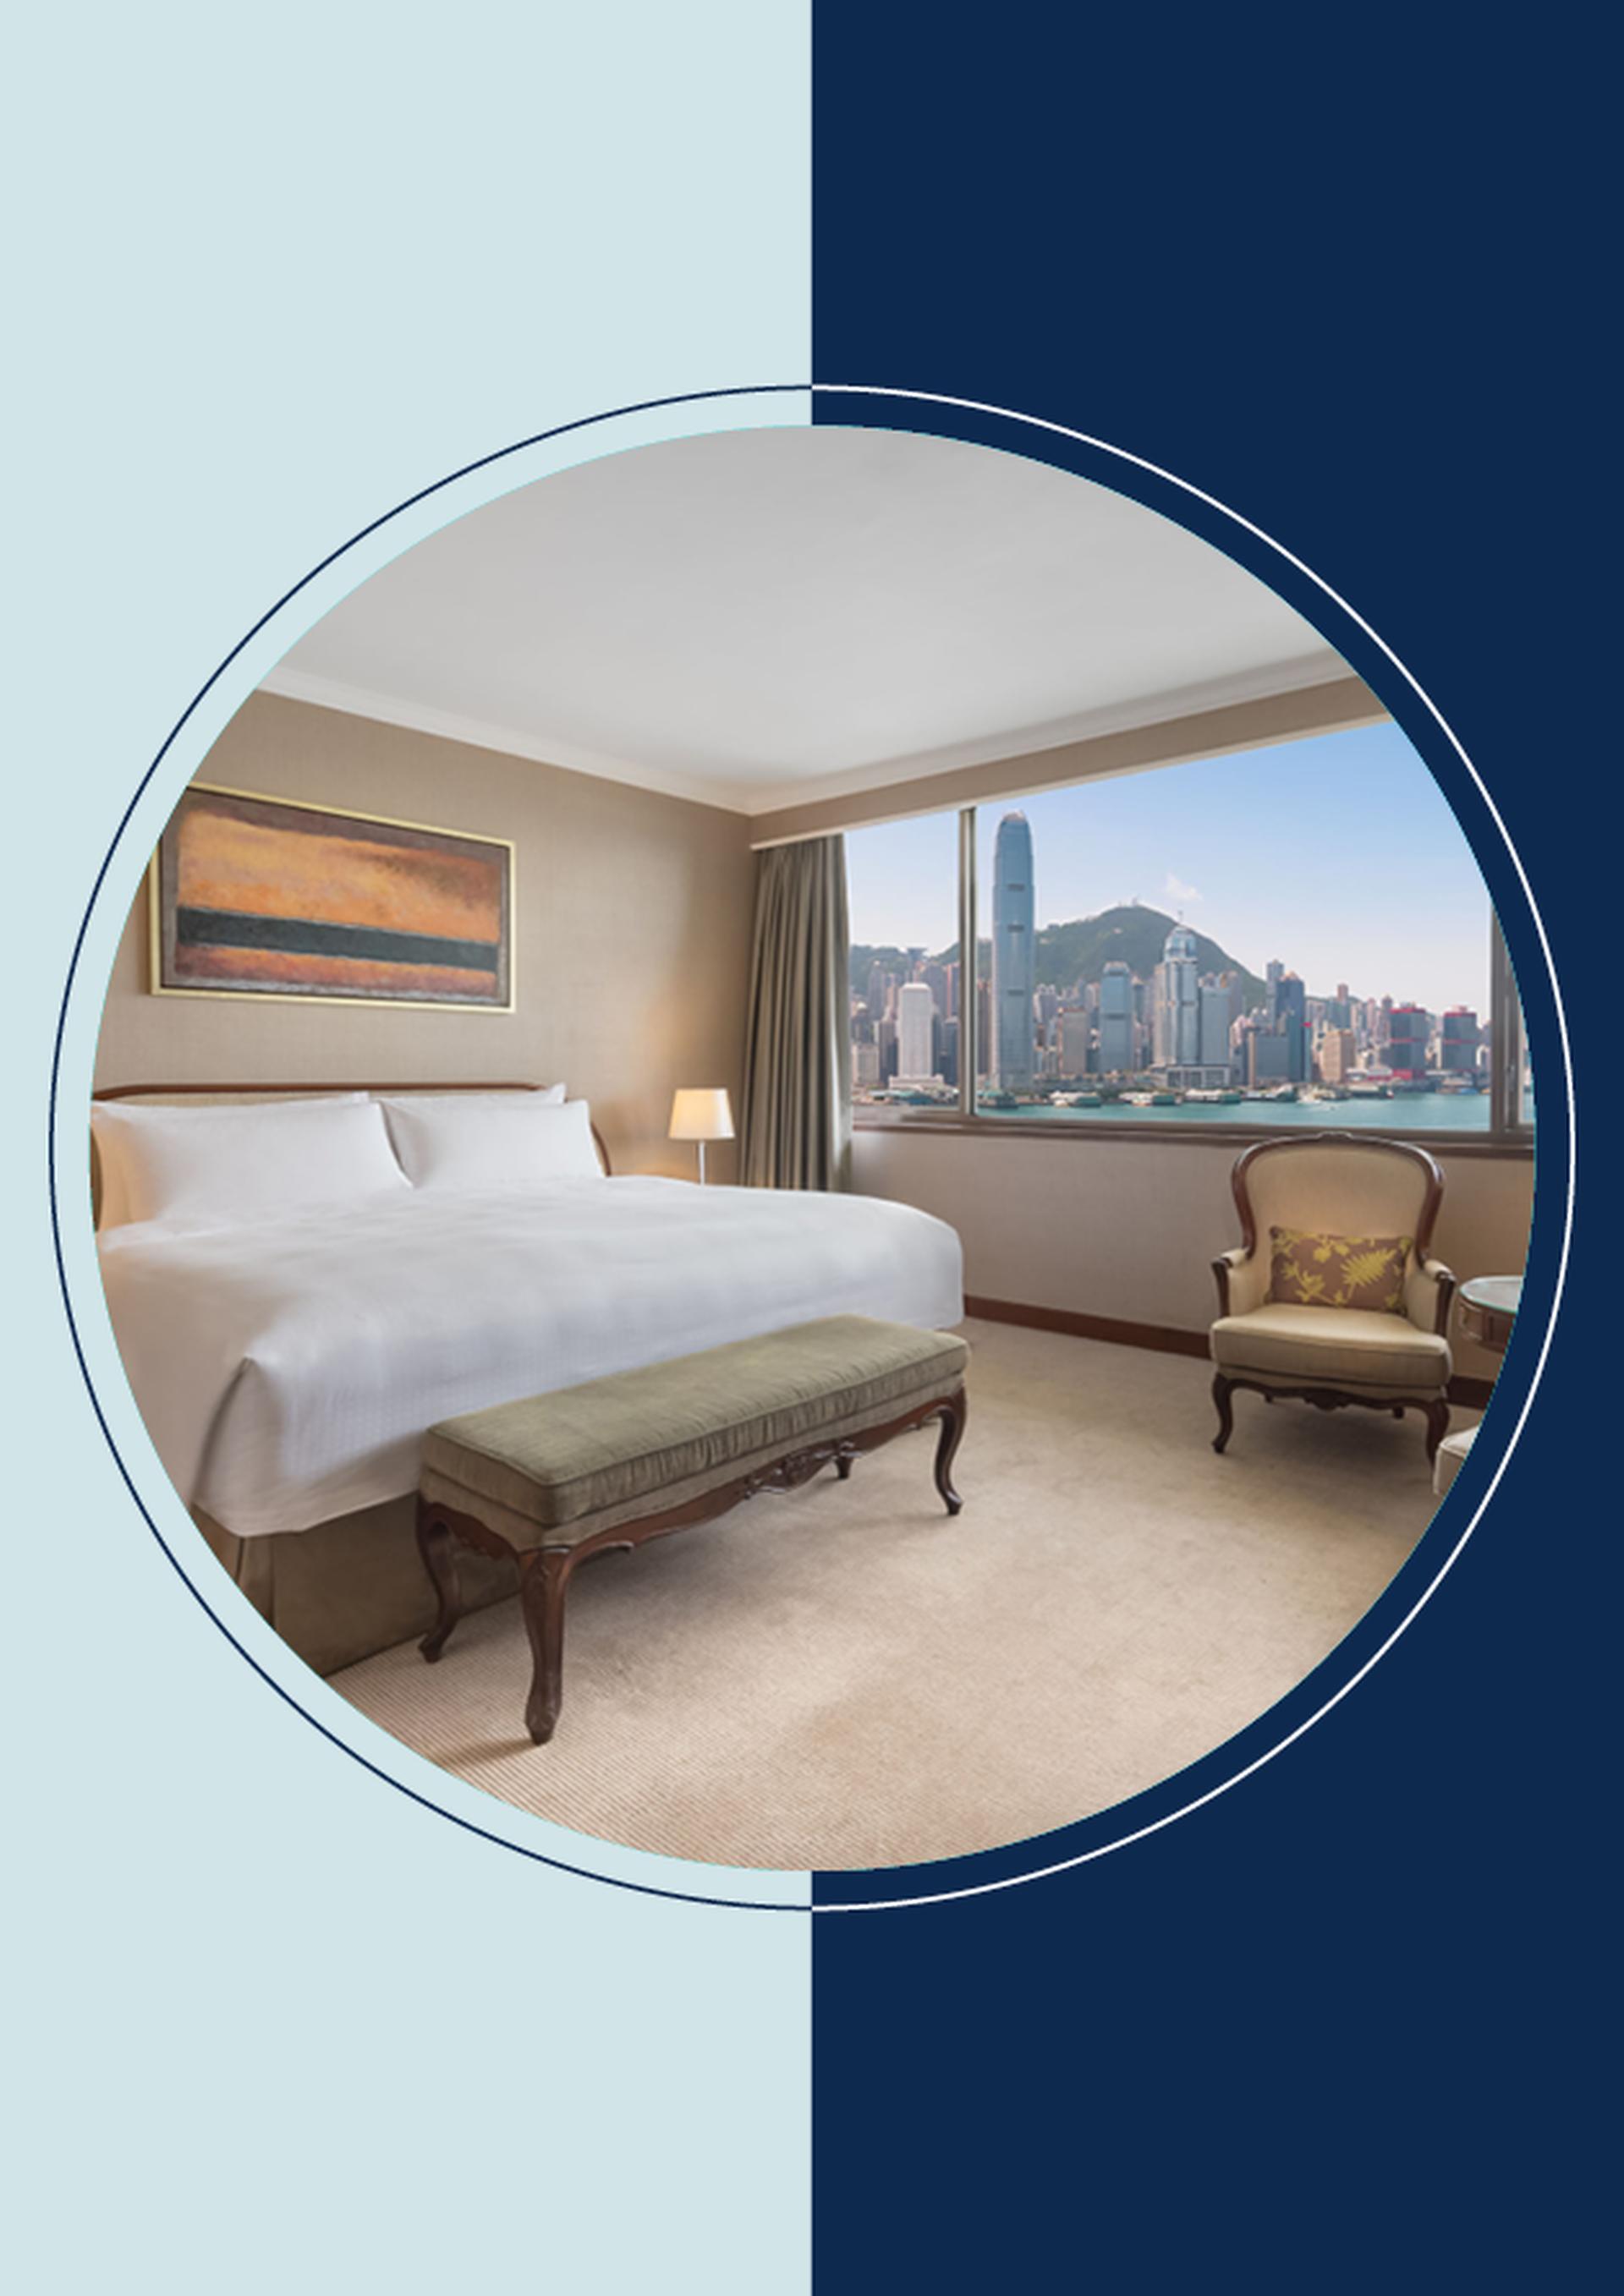 尖沙咀馬哥孛羅香港酒店24小時悠閒之旅住宿套票